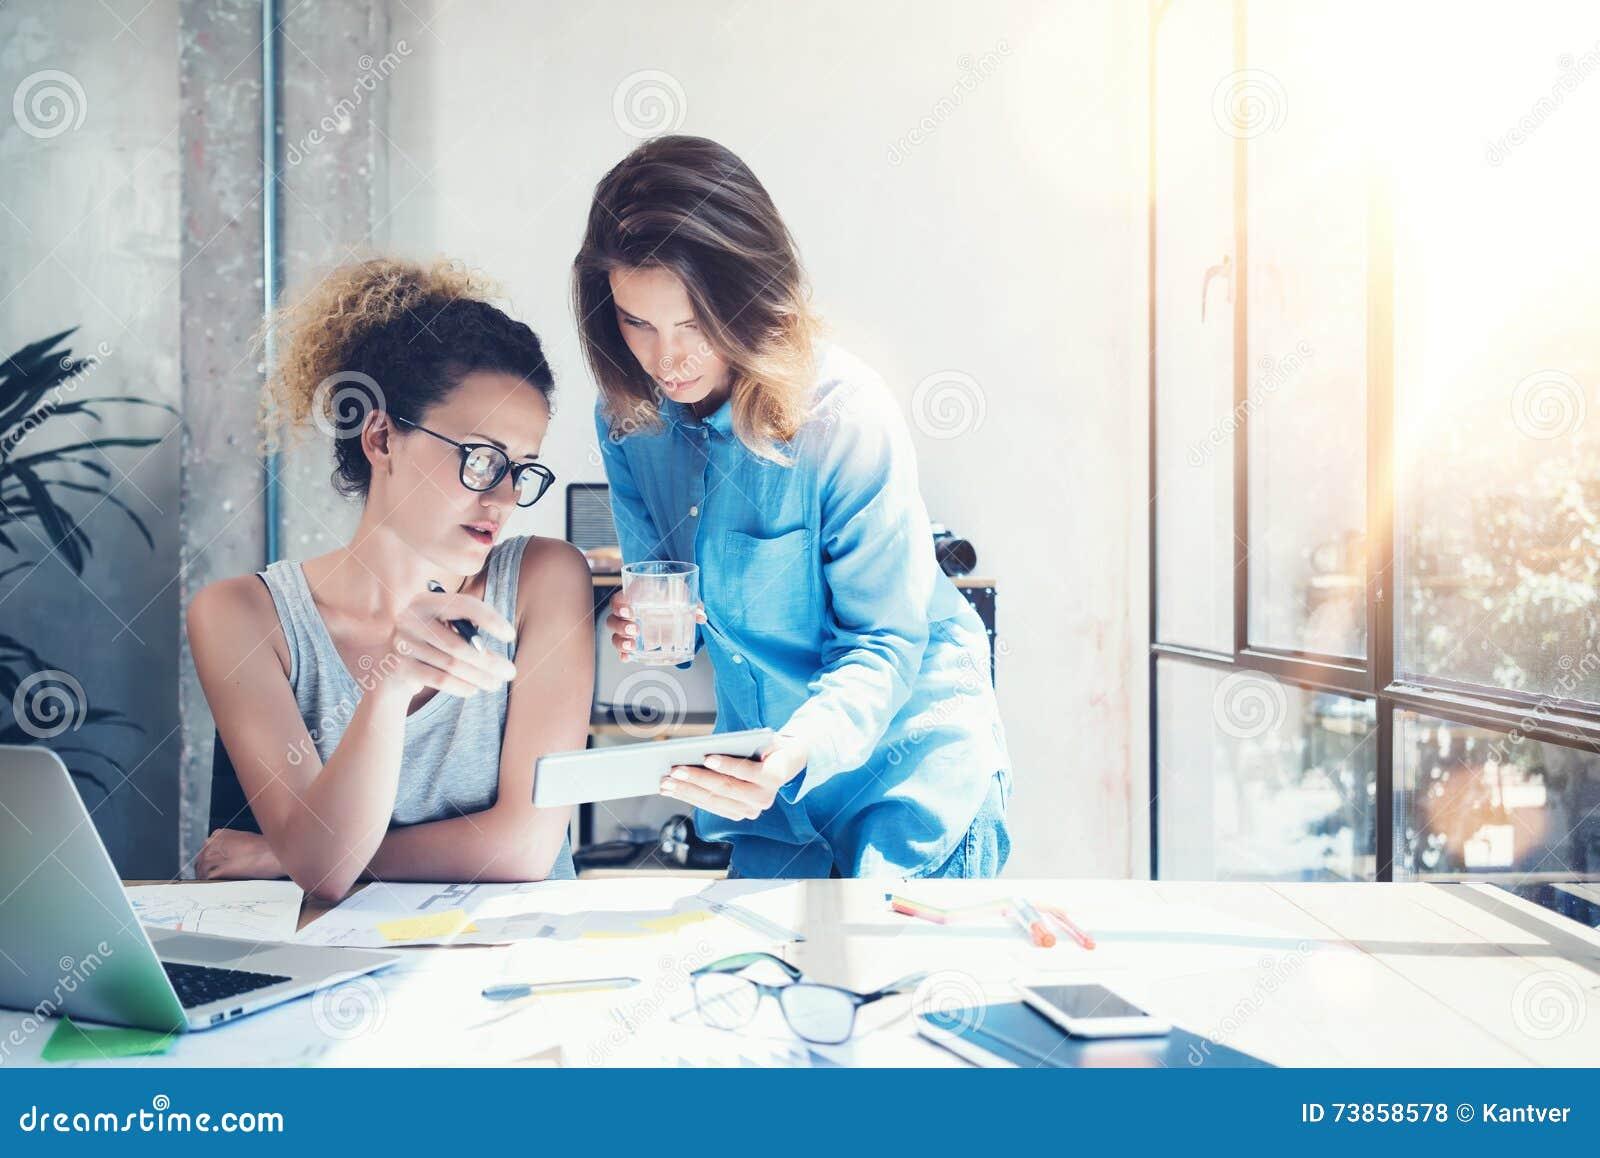 Просторная квартира офиса процесса работы команды сотрудников современная Производители фото делая новую большую творческую идею